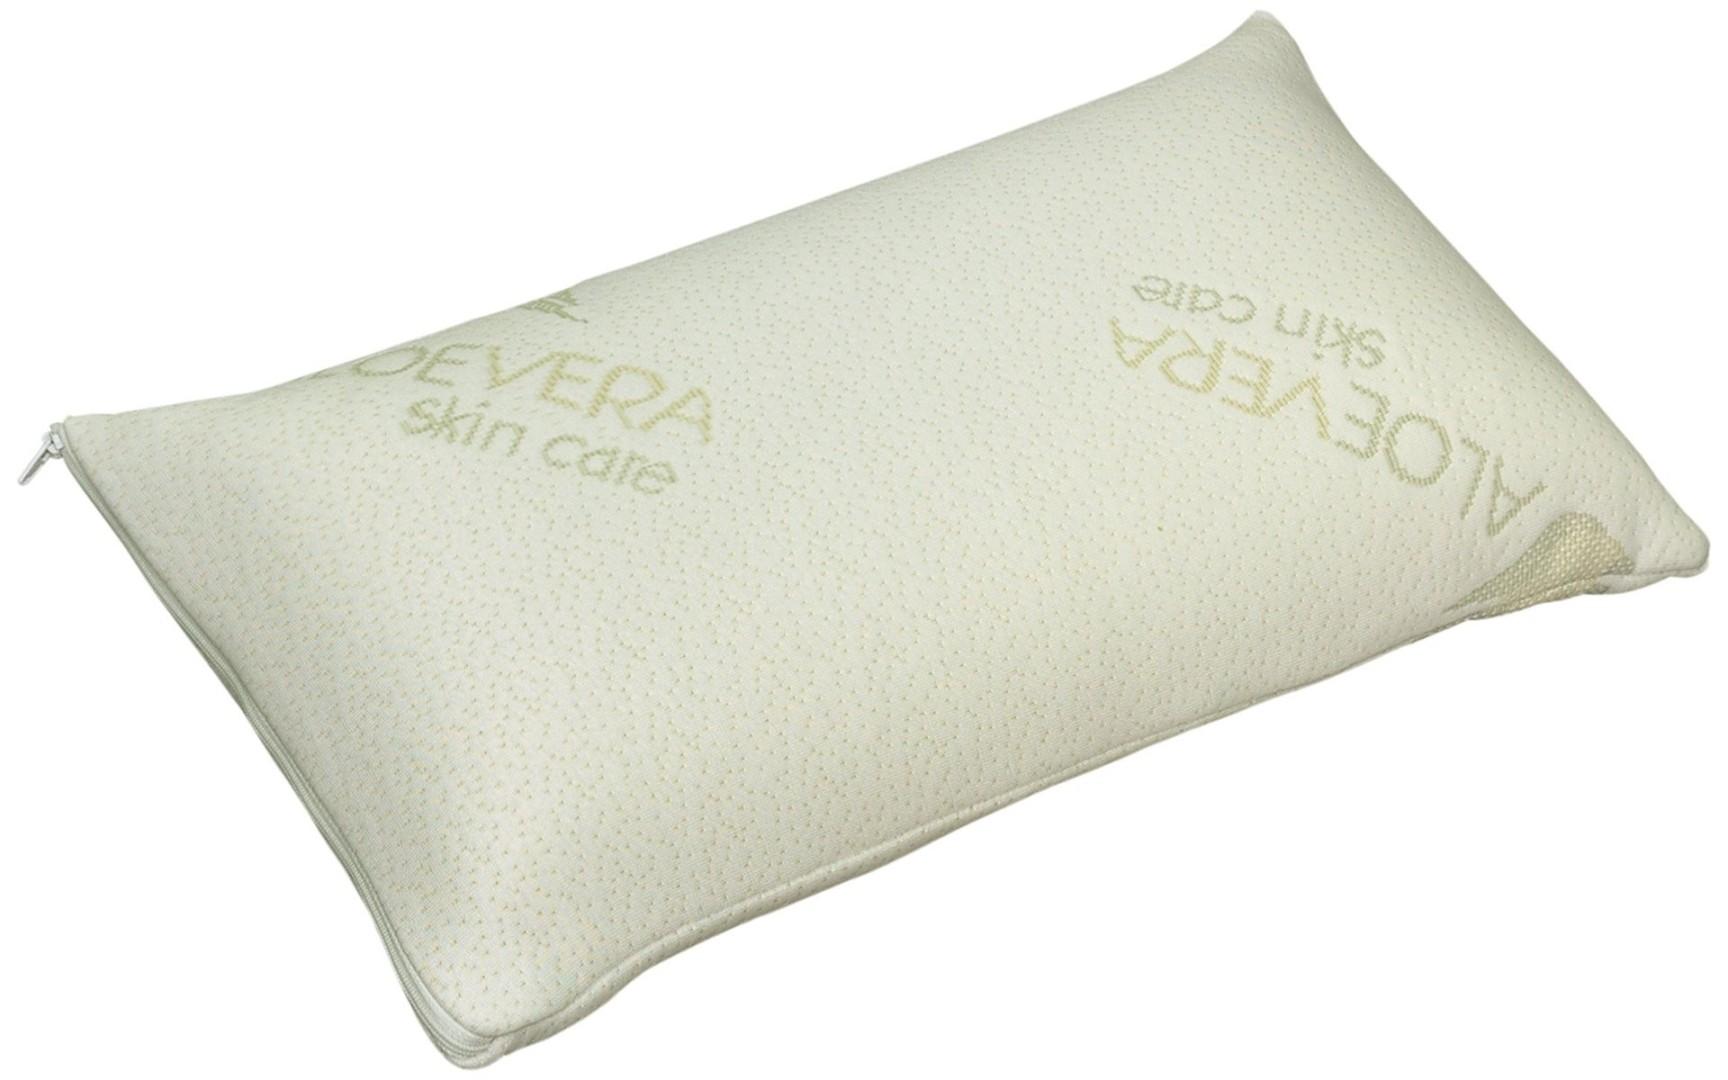 Materasso POPULAR - polštář s tvarovou pamětí, líná pěna, snímatelný potah